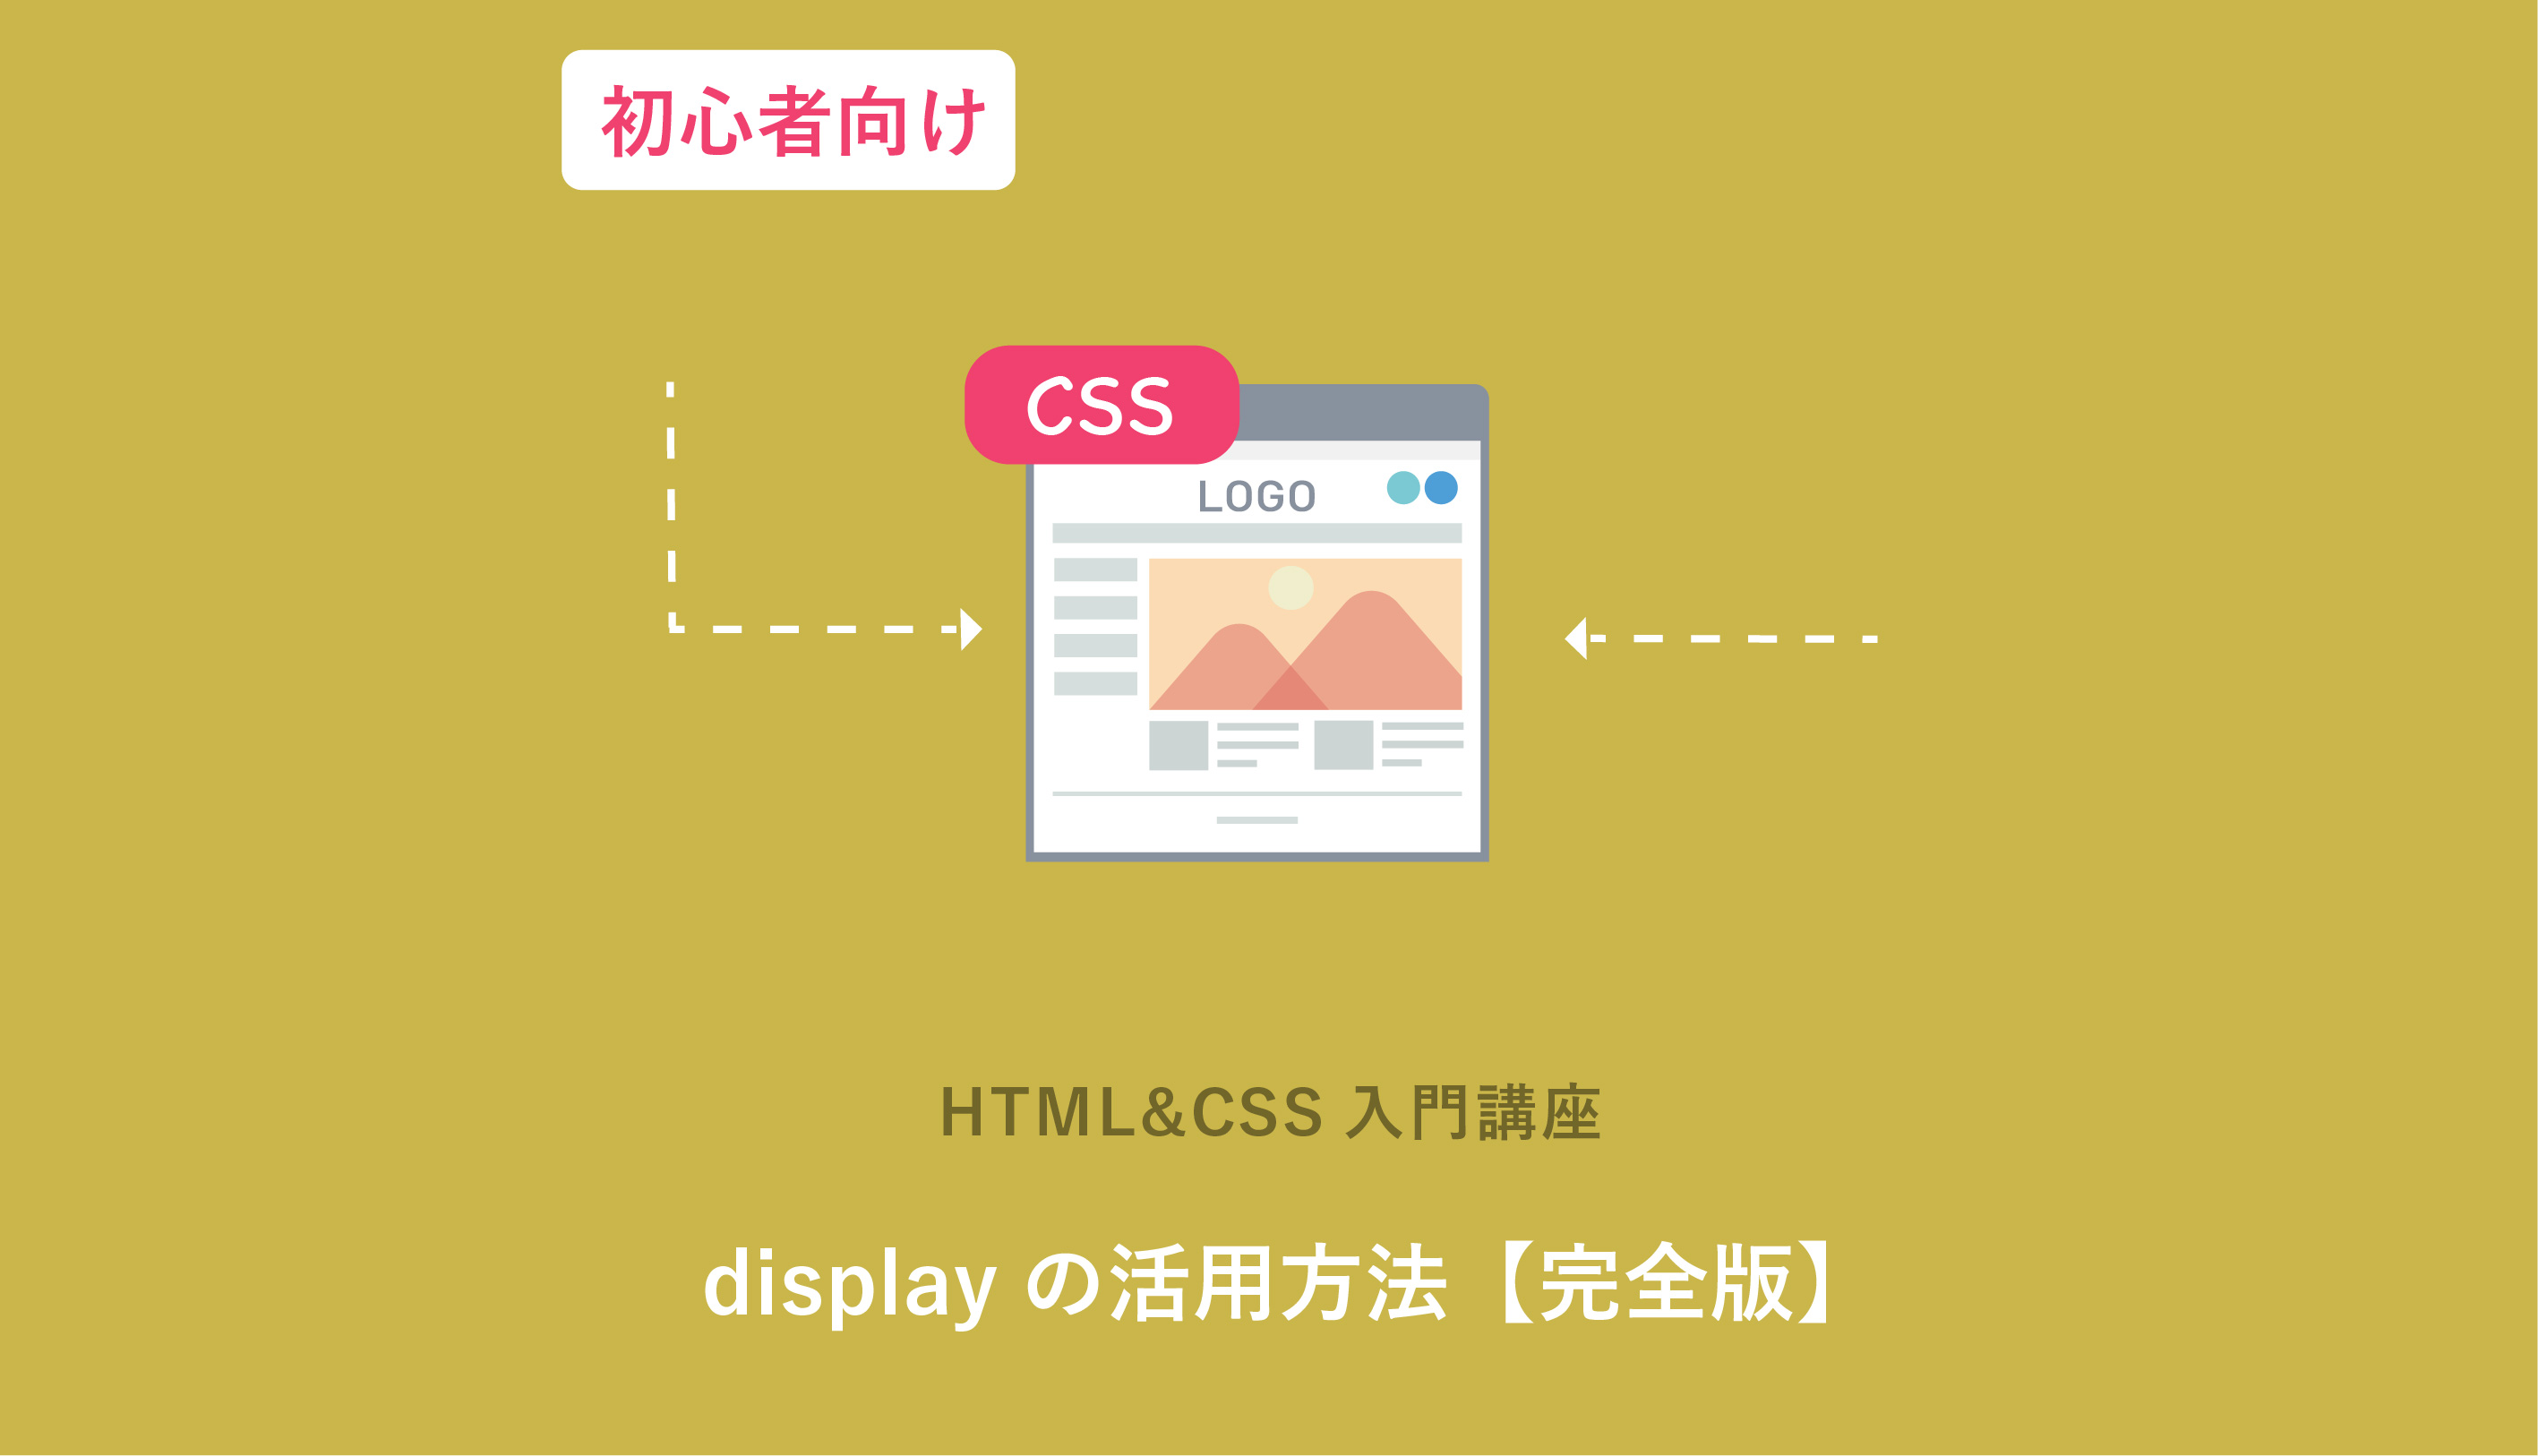 【徹底解説!】css「display」で要素の表示を指定する方法